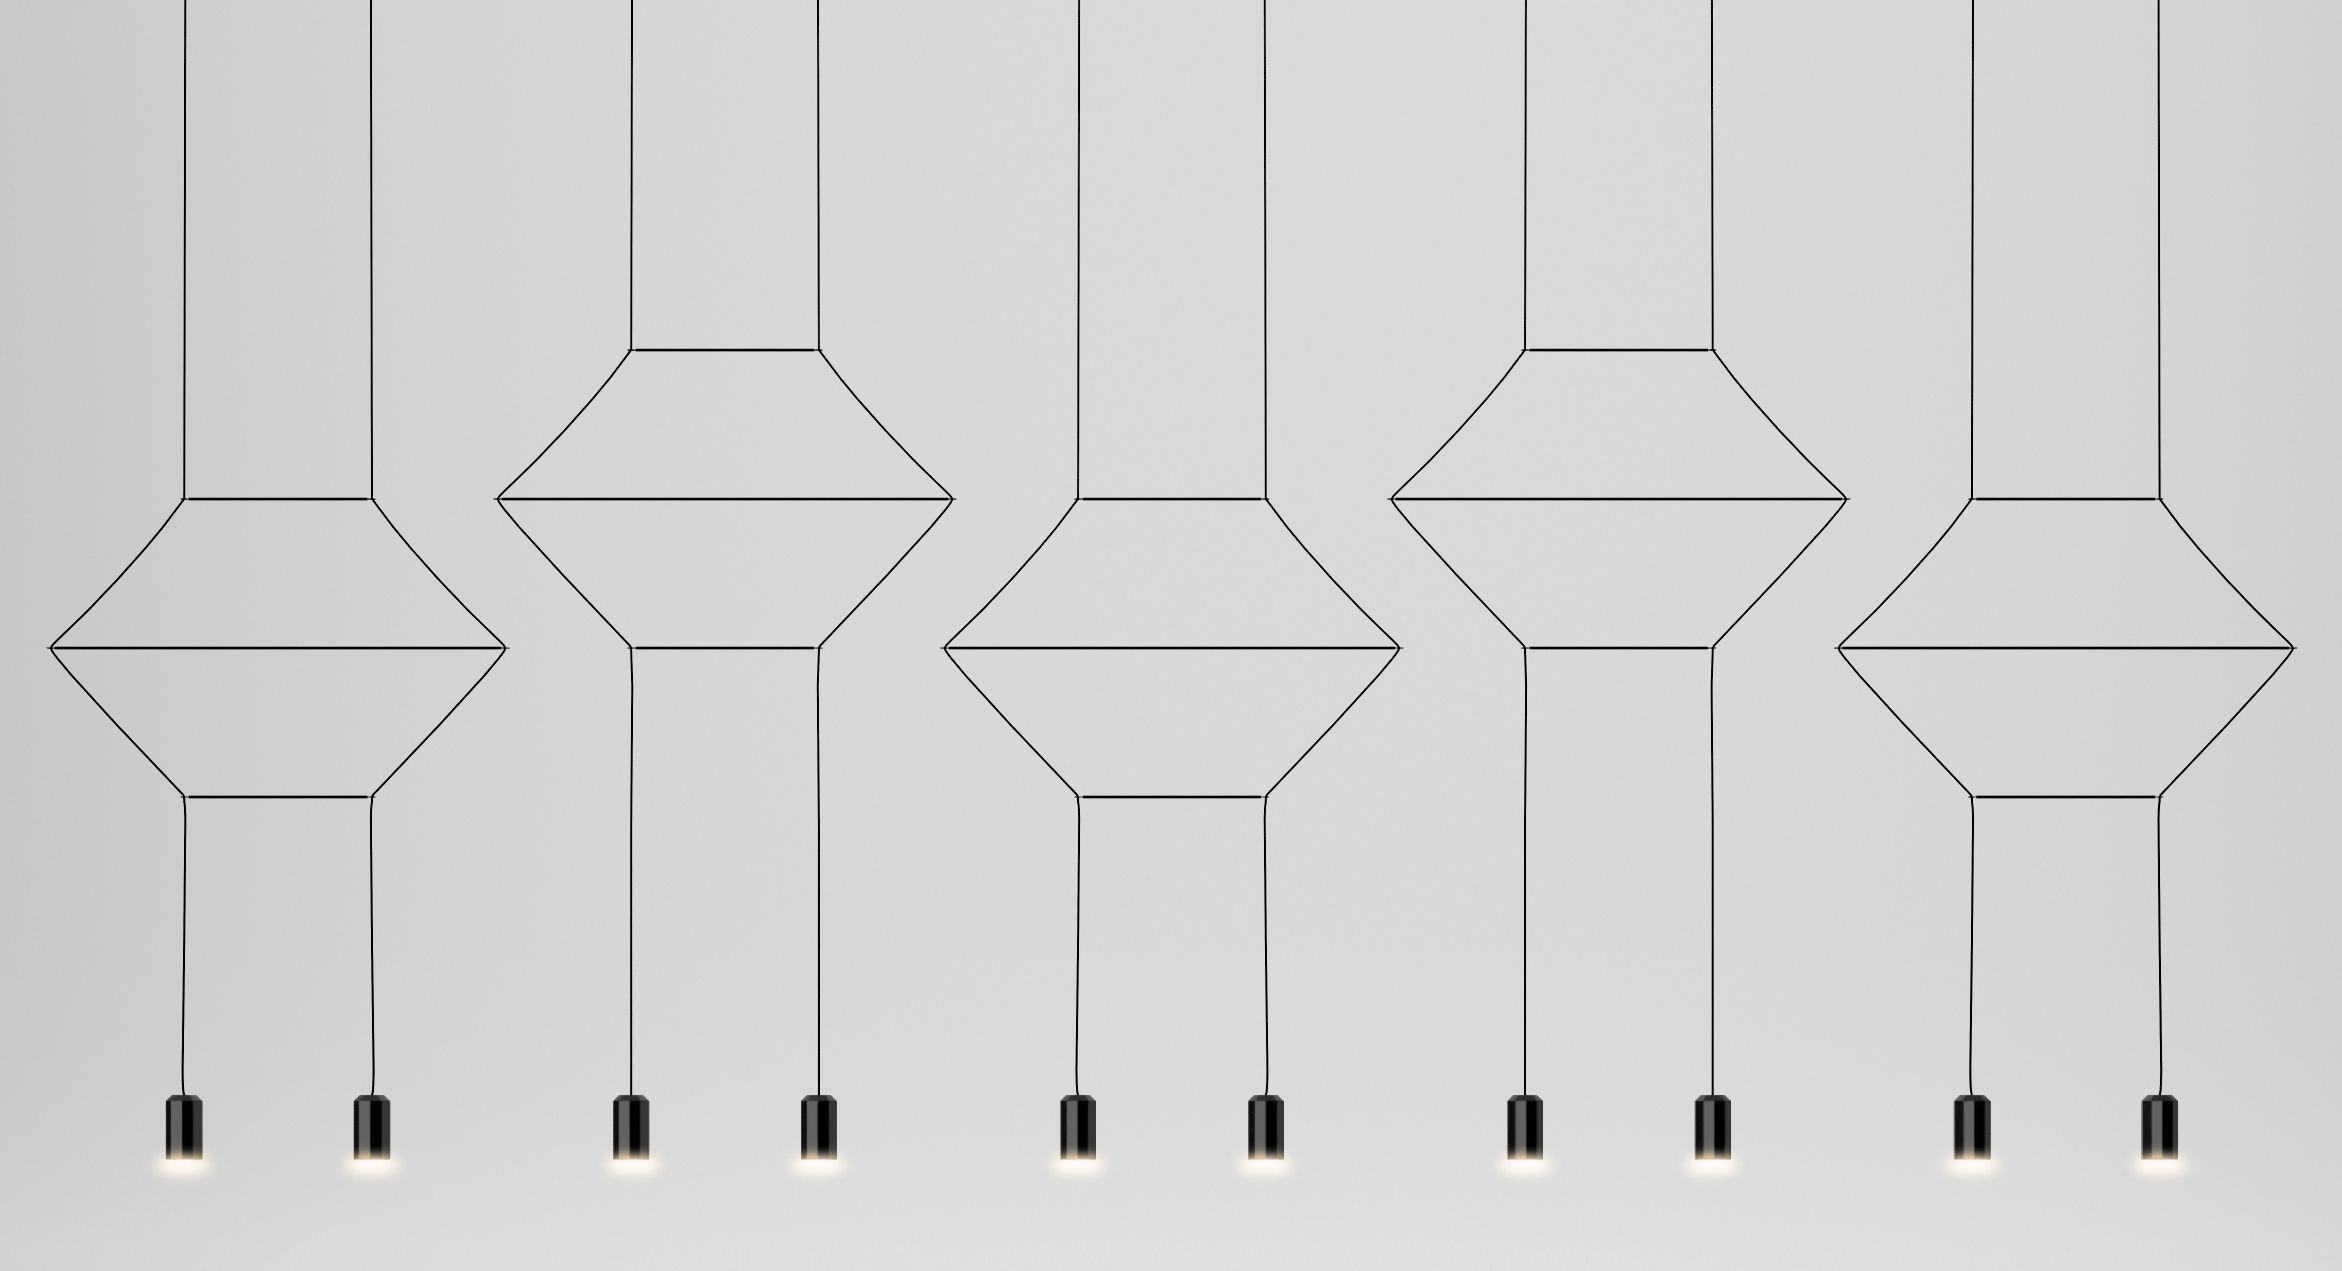 Leuchten - Pendelleuchten - Wireflow Pendelleuchte / L 322 cm - Vibia - Gerade Form / Schwarz - Gewebe, Glas, lackiertes Metall, Teflon